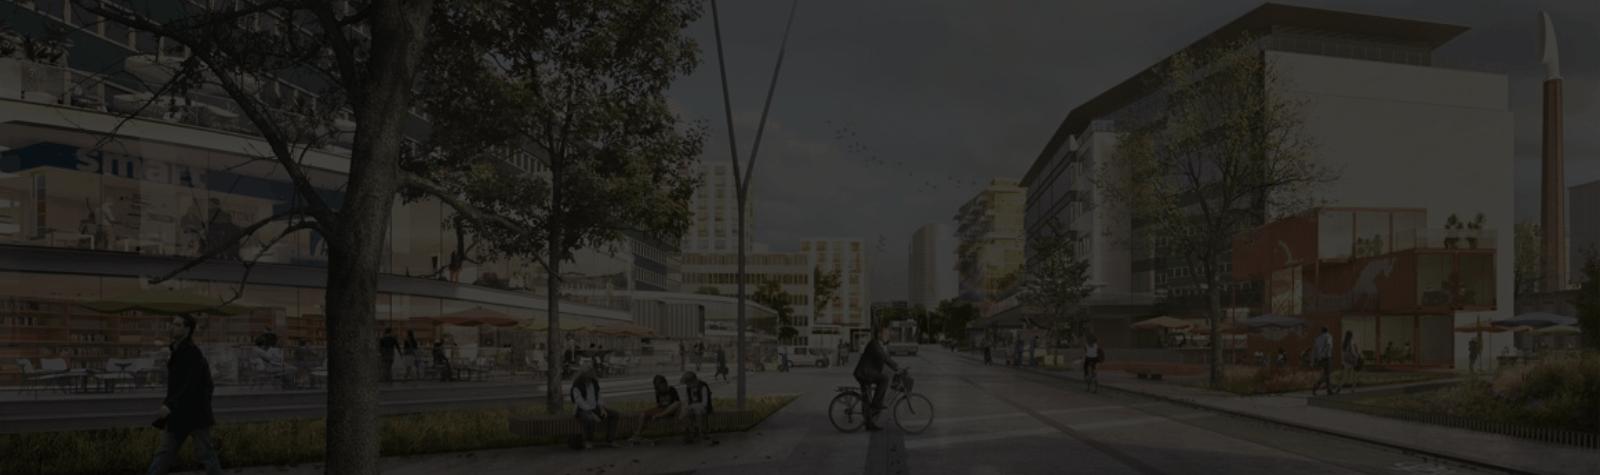 Les Groues : une nouvelle promesse de vente signée entre Paris La Défense et Sefri-Cime